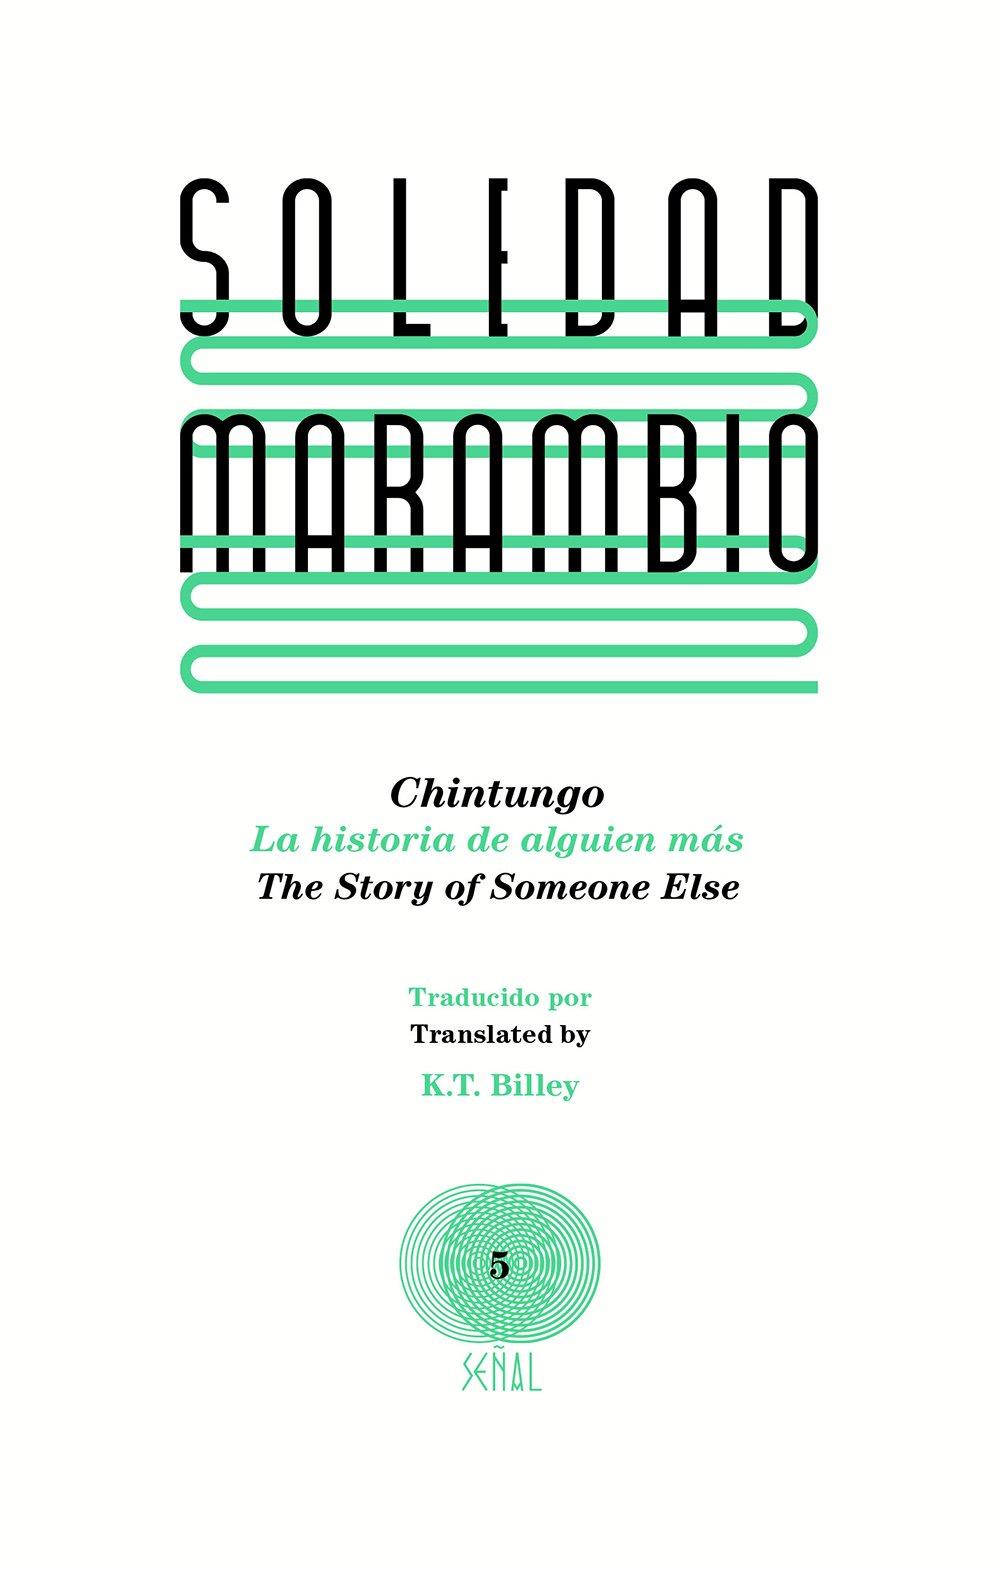 Book cover of Chintungo: la historia de alguien mas